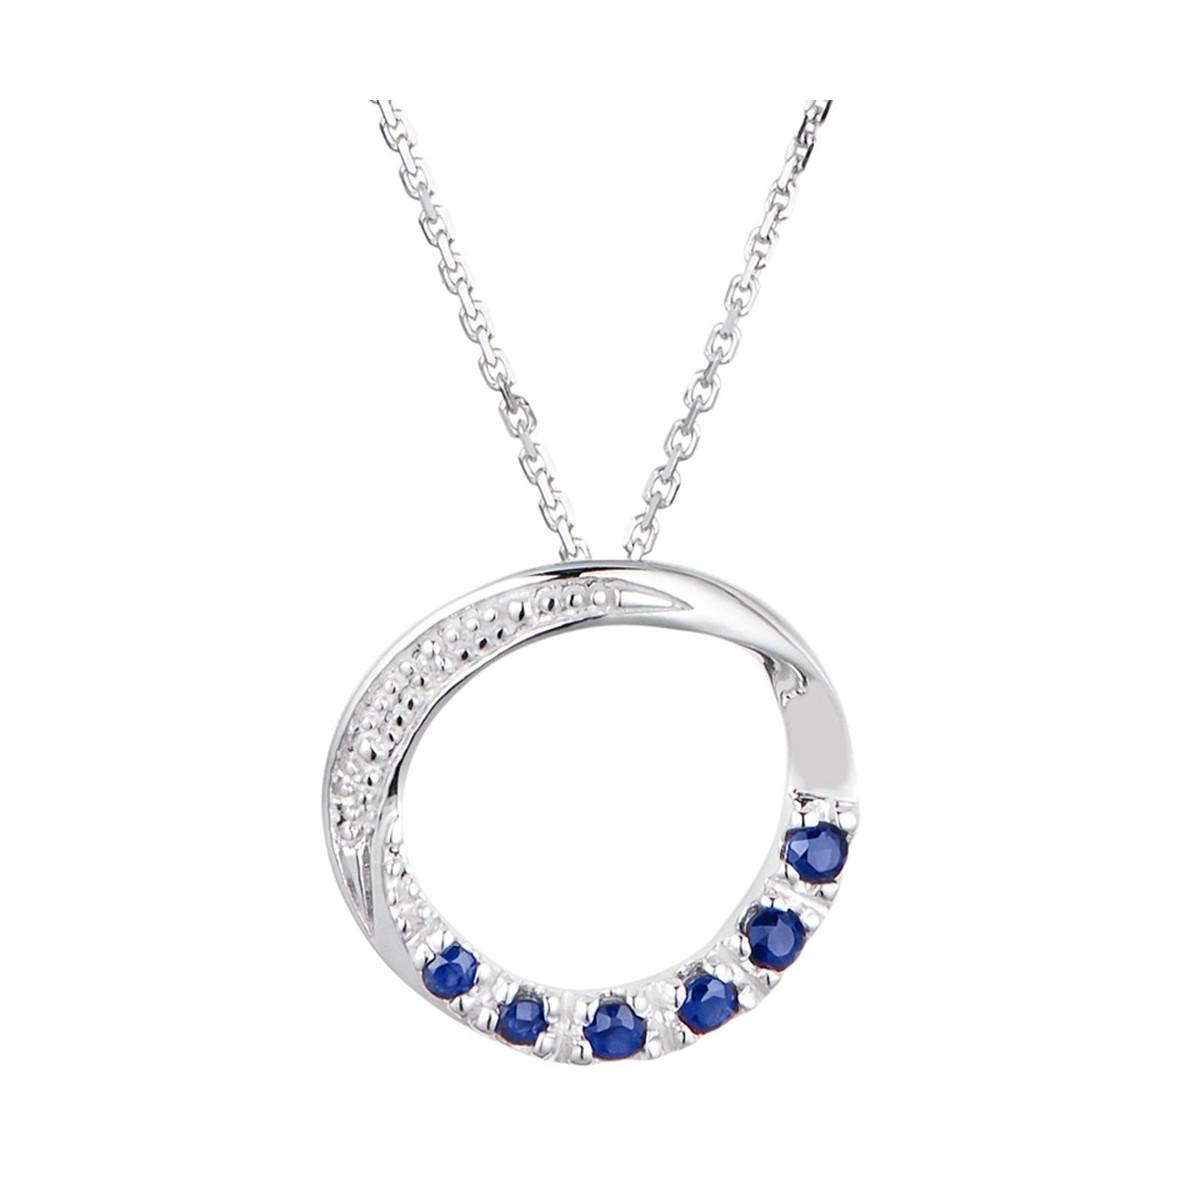 """Pendentif Or Blanc, Diamants 0,003 carat et Saphirs 0,25 carat """"ZANTE"""" + chaîne argent offerte"""